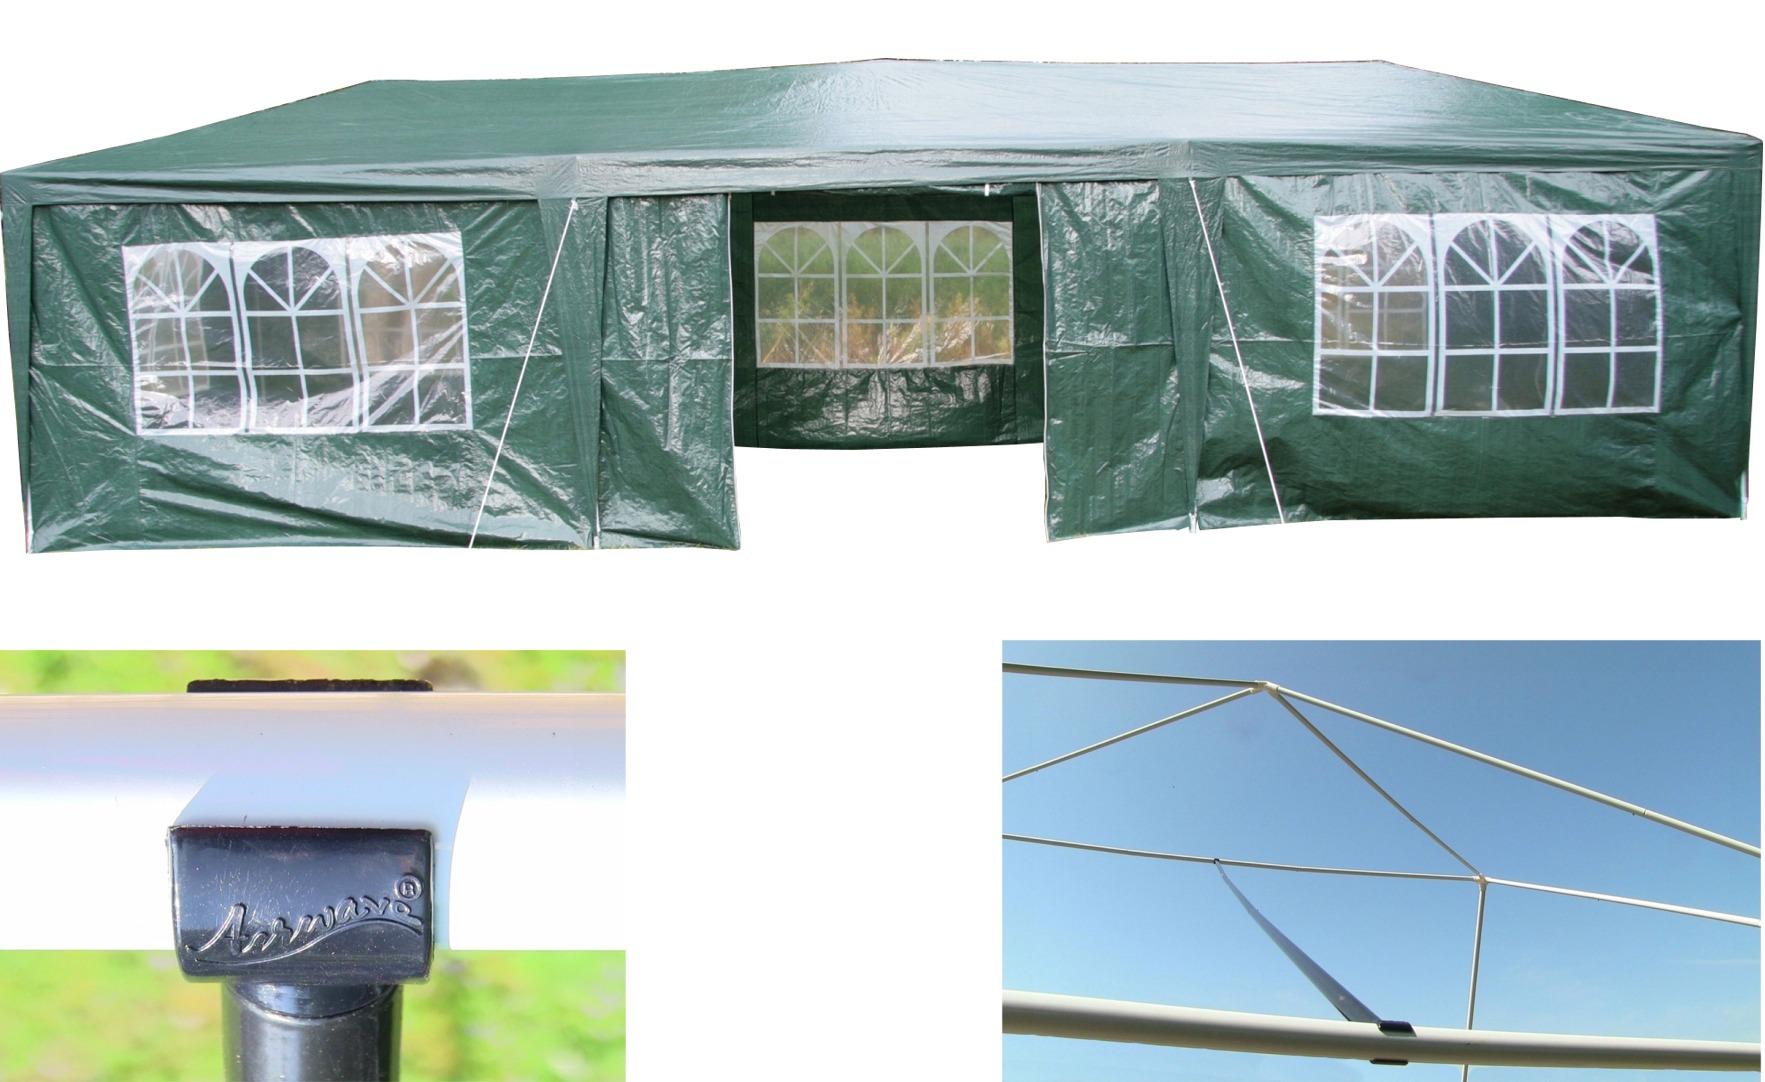 AirWave-9m-x-3m-Party-Tent-Marquee-Gazebo-3-FREE-WINDBARS-Waterproof-8-Sides